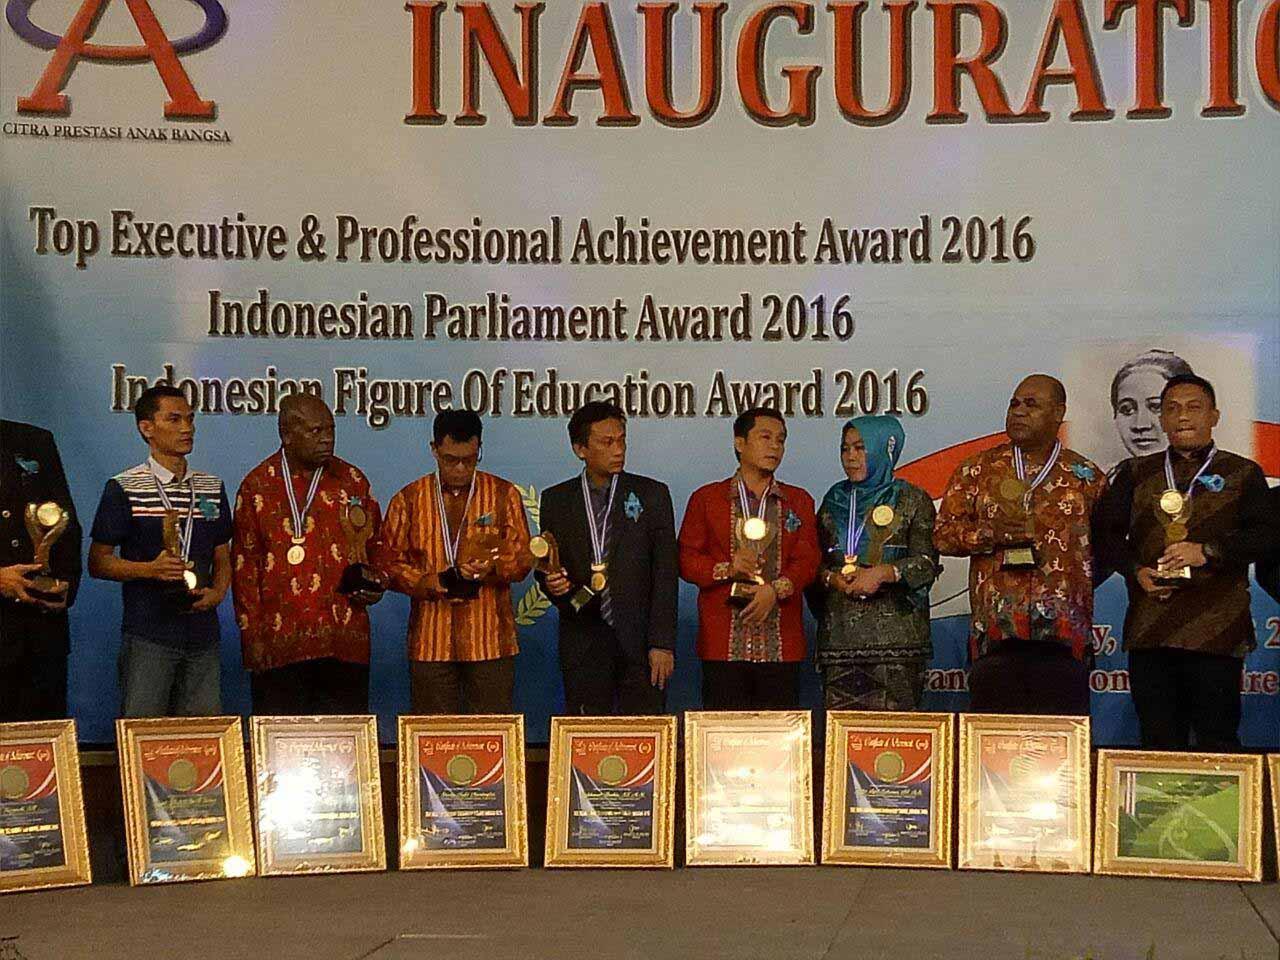 Rakhmat (Tengah) Kepala Bappeda Mamuju saat menerima penghargaan dari Lembaga API